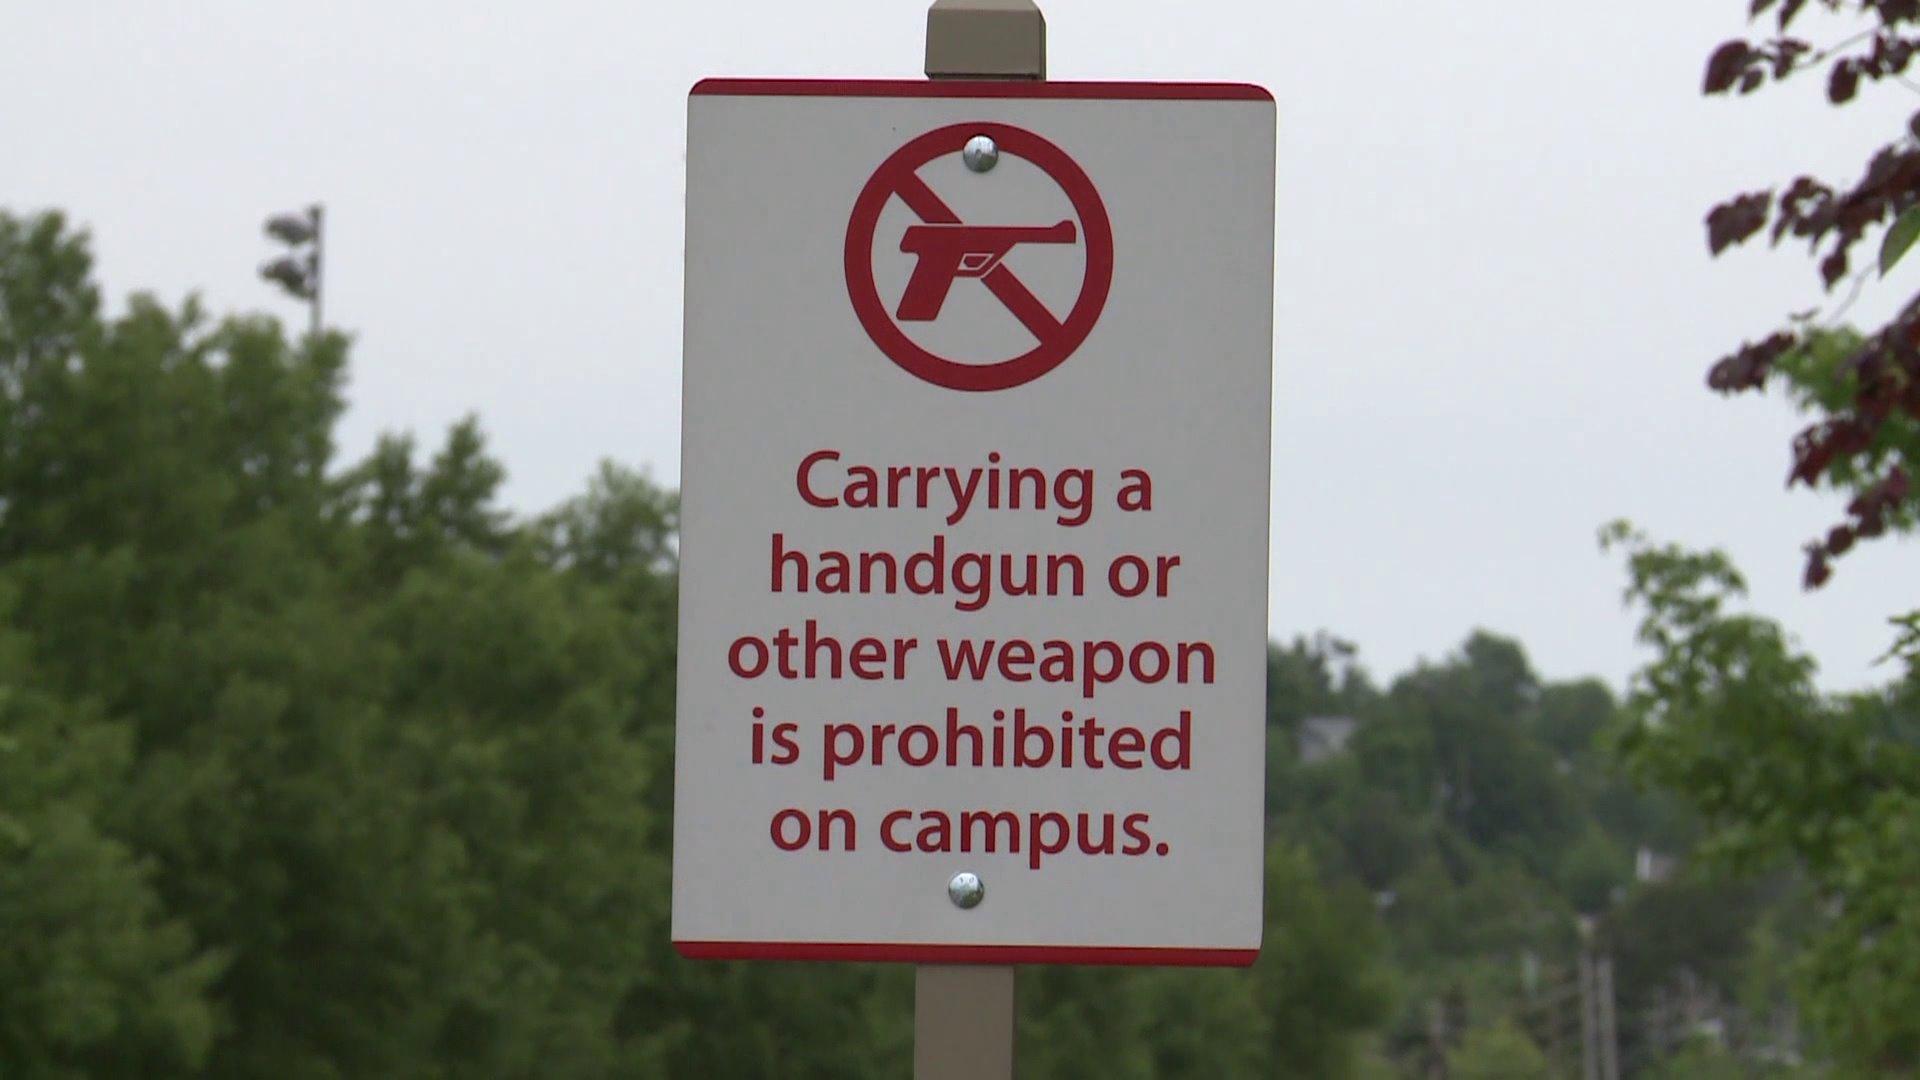 campus-handgun